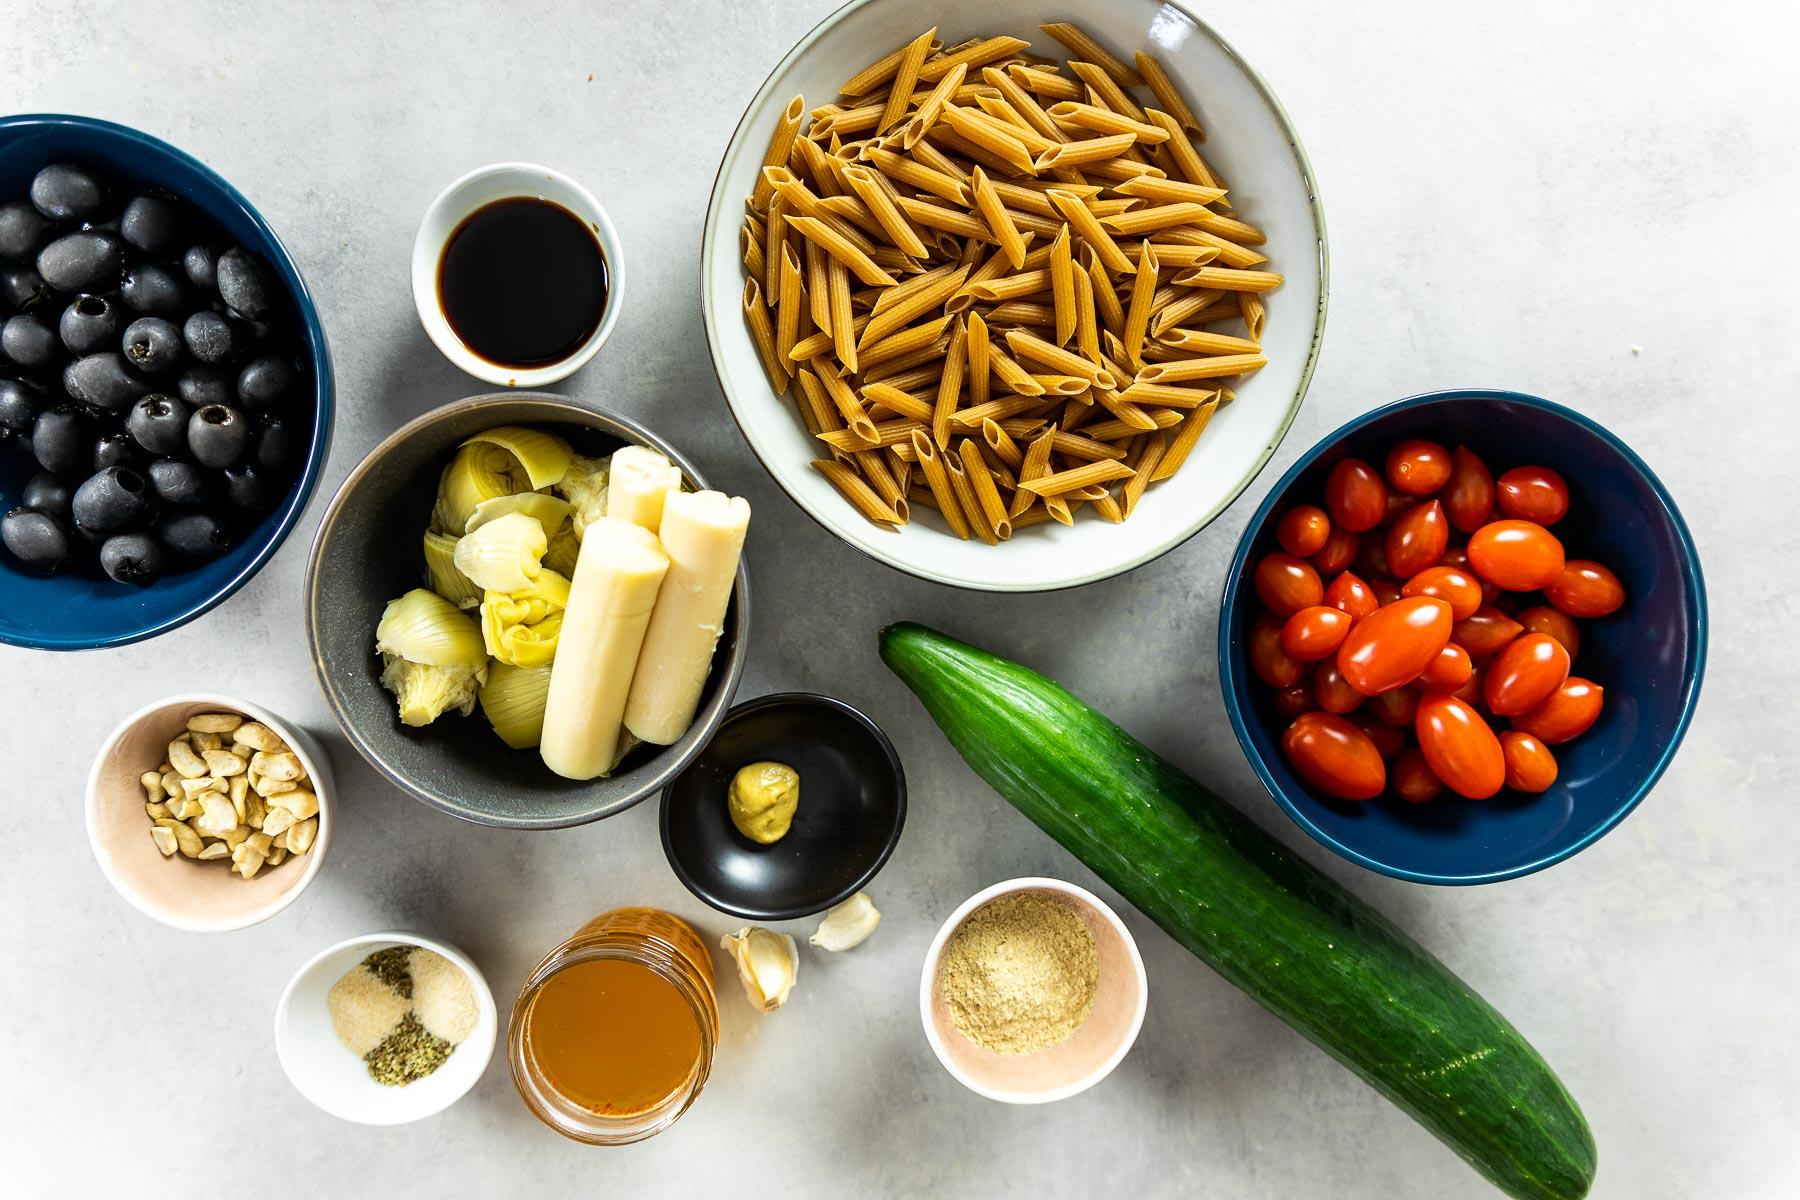 Ingredient shot of the vegan pasta salad